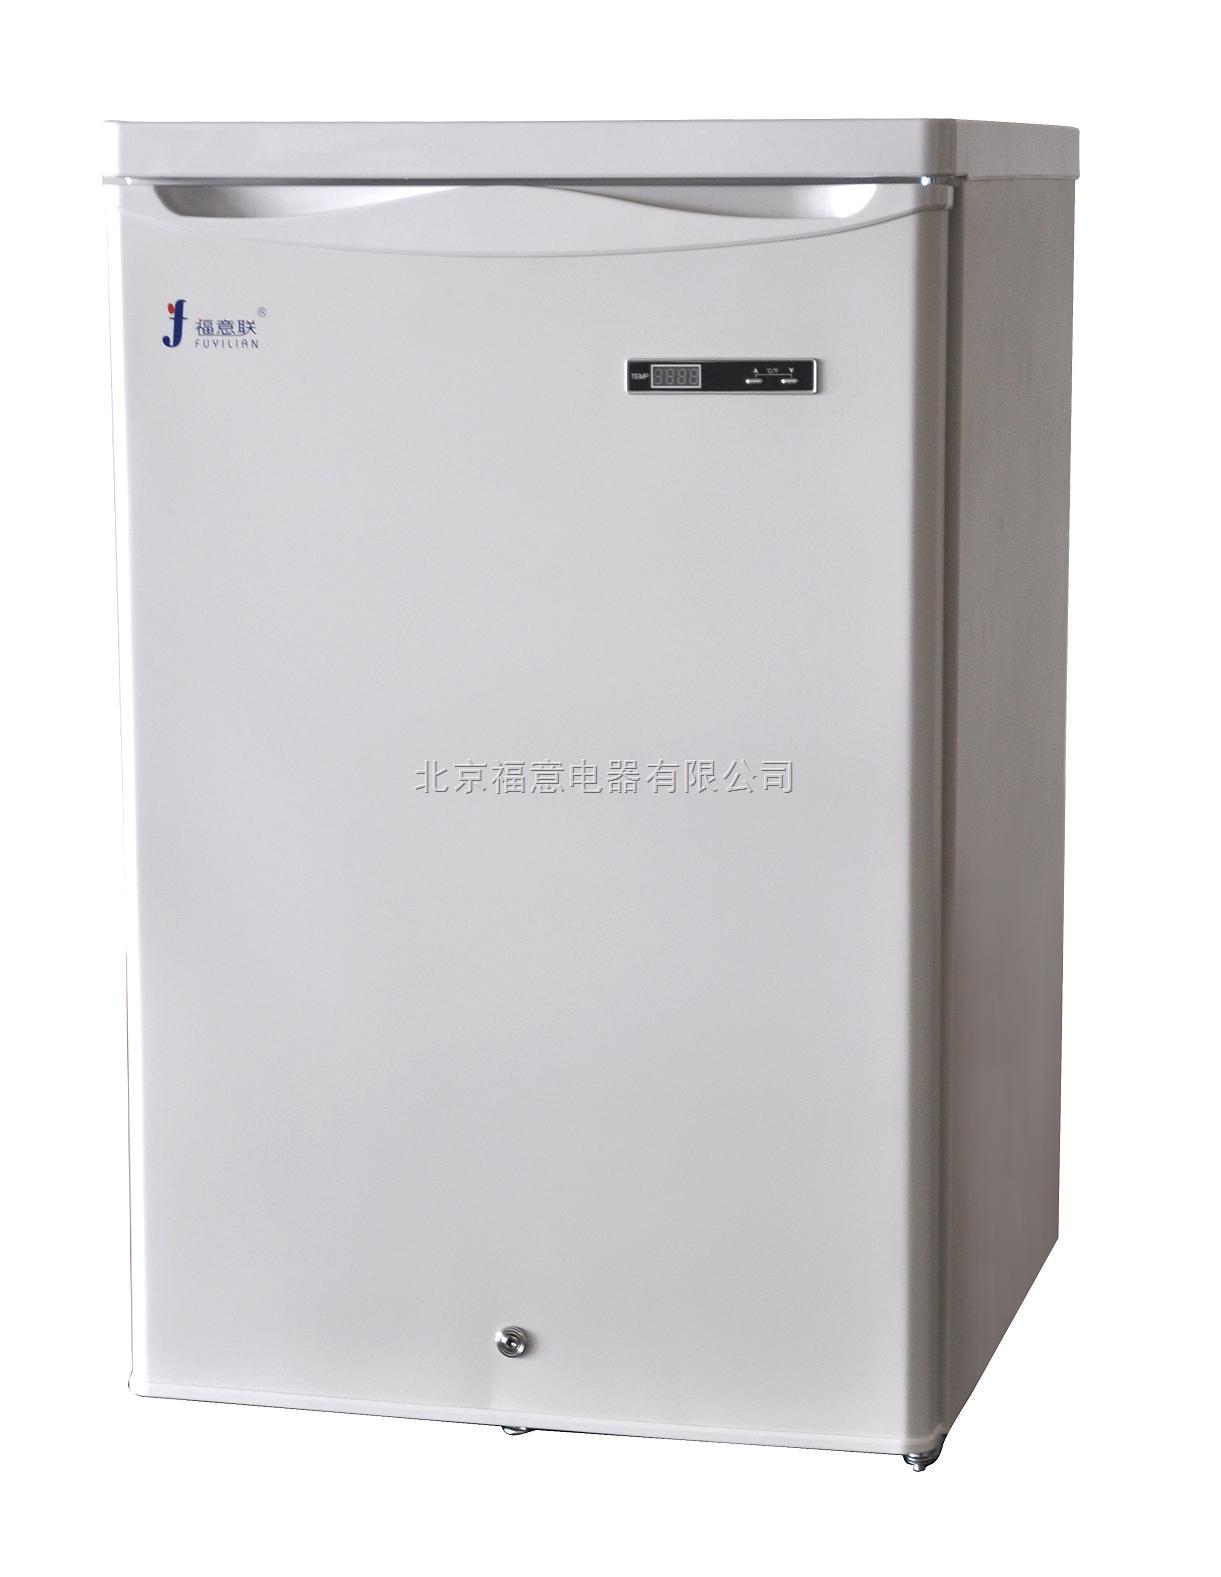 冷冻冷藏冰箱